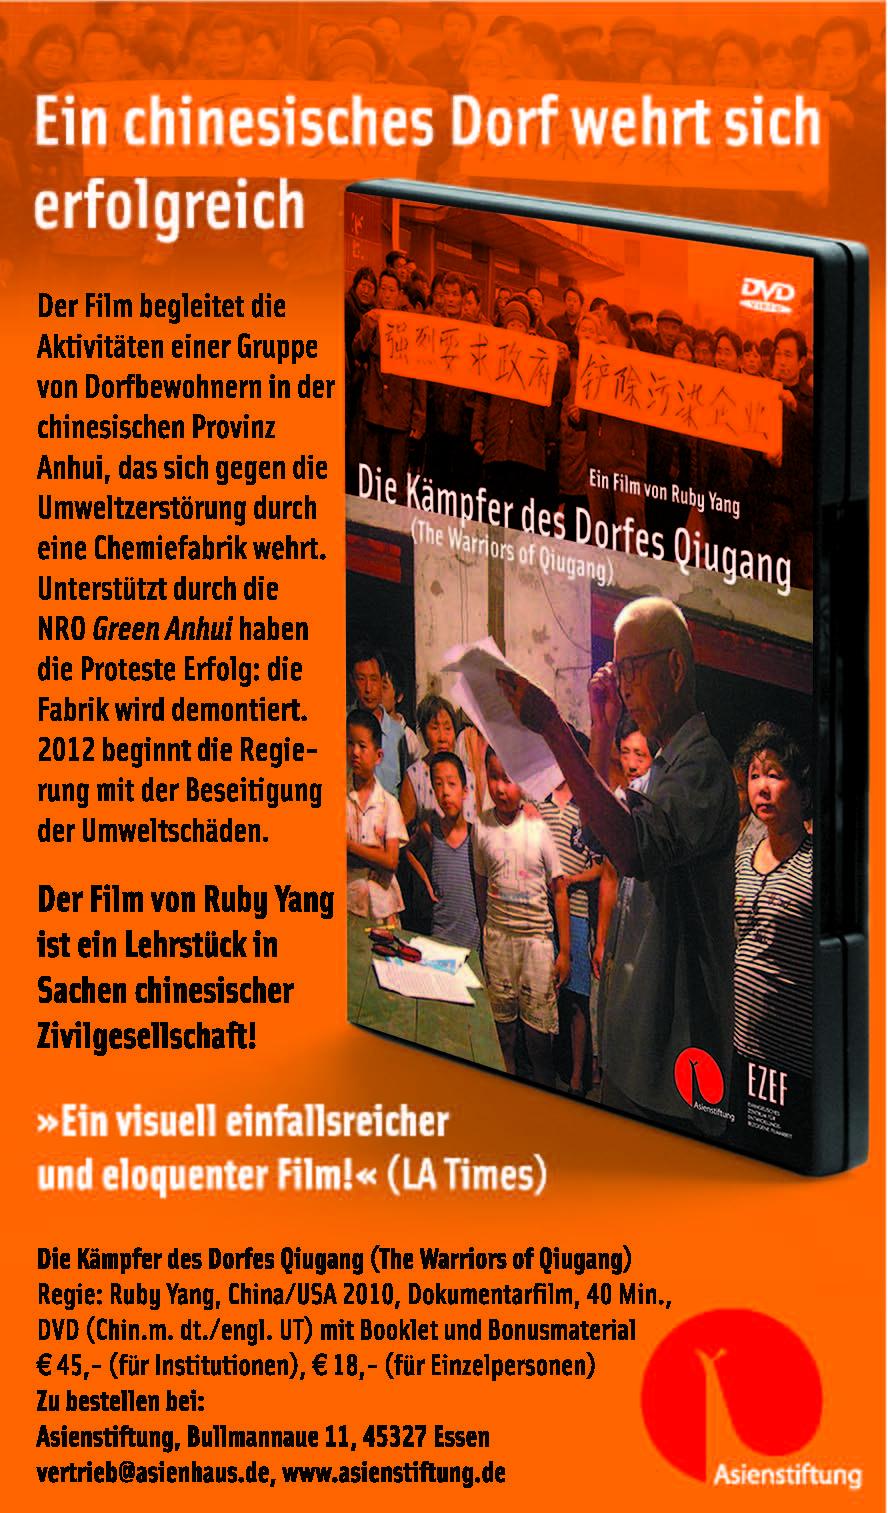 DVD-Anzeige